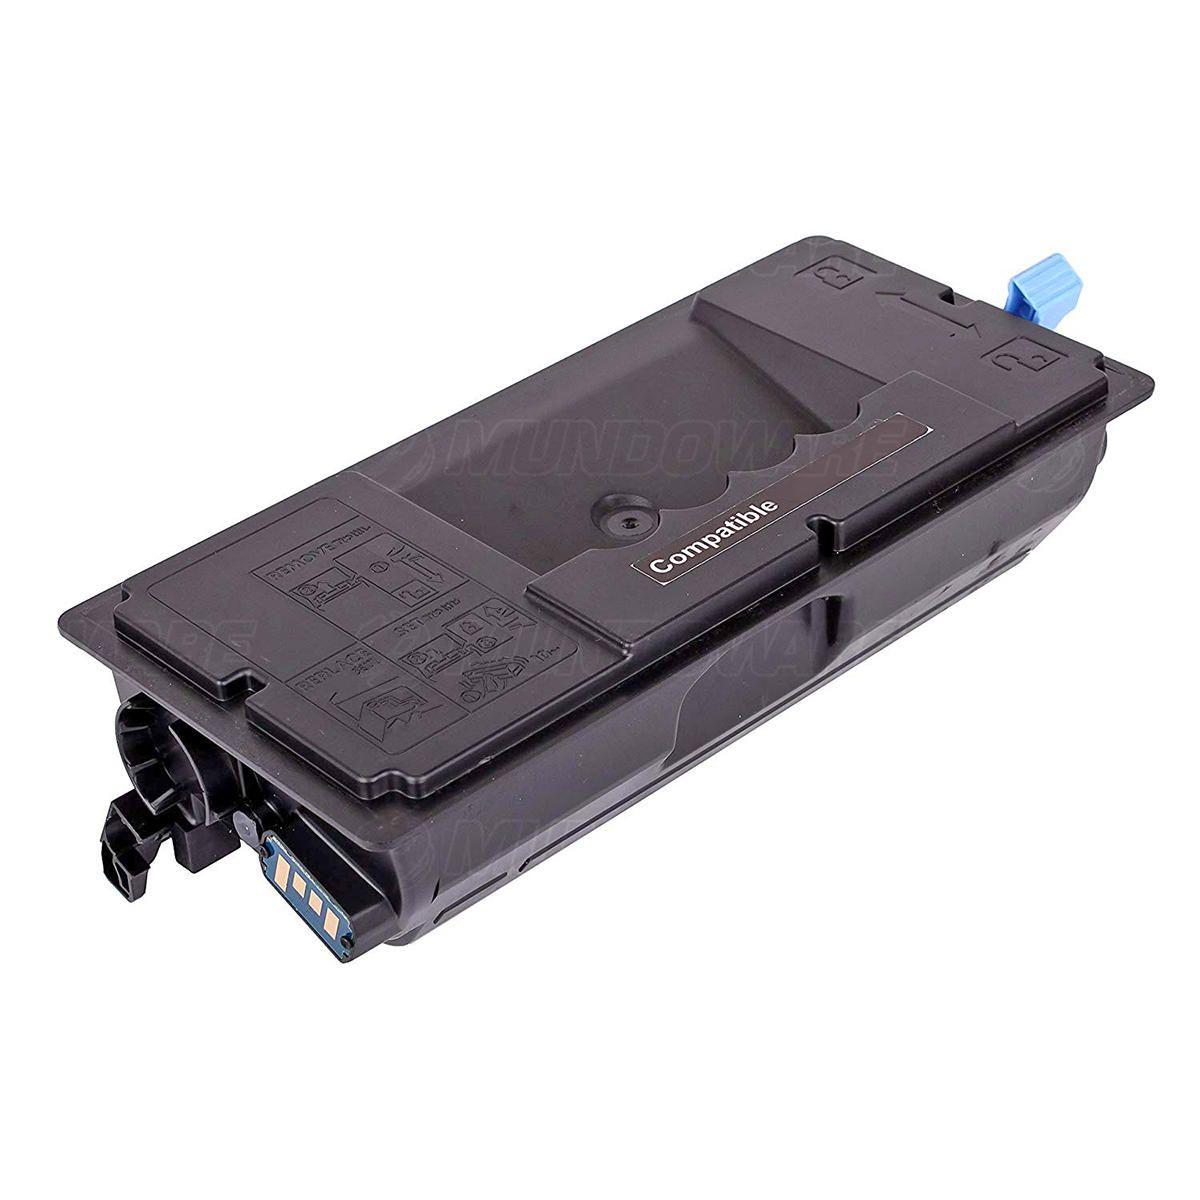 Compatível: Toner TK3102 TK-3102 para Kyocera FS2100dn M3040idn M3540idn FS-2100dn M3040 M3540 FS2100 / Preto / 12.500